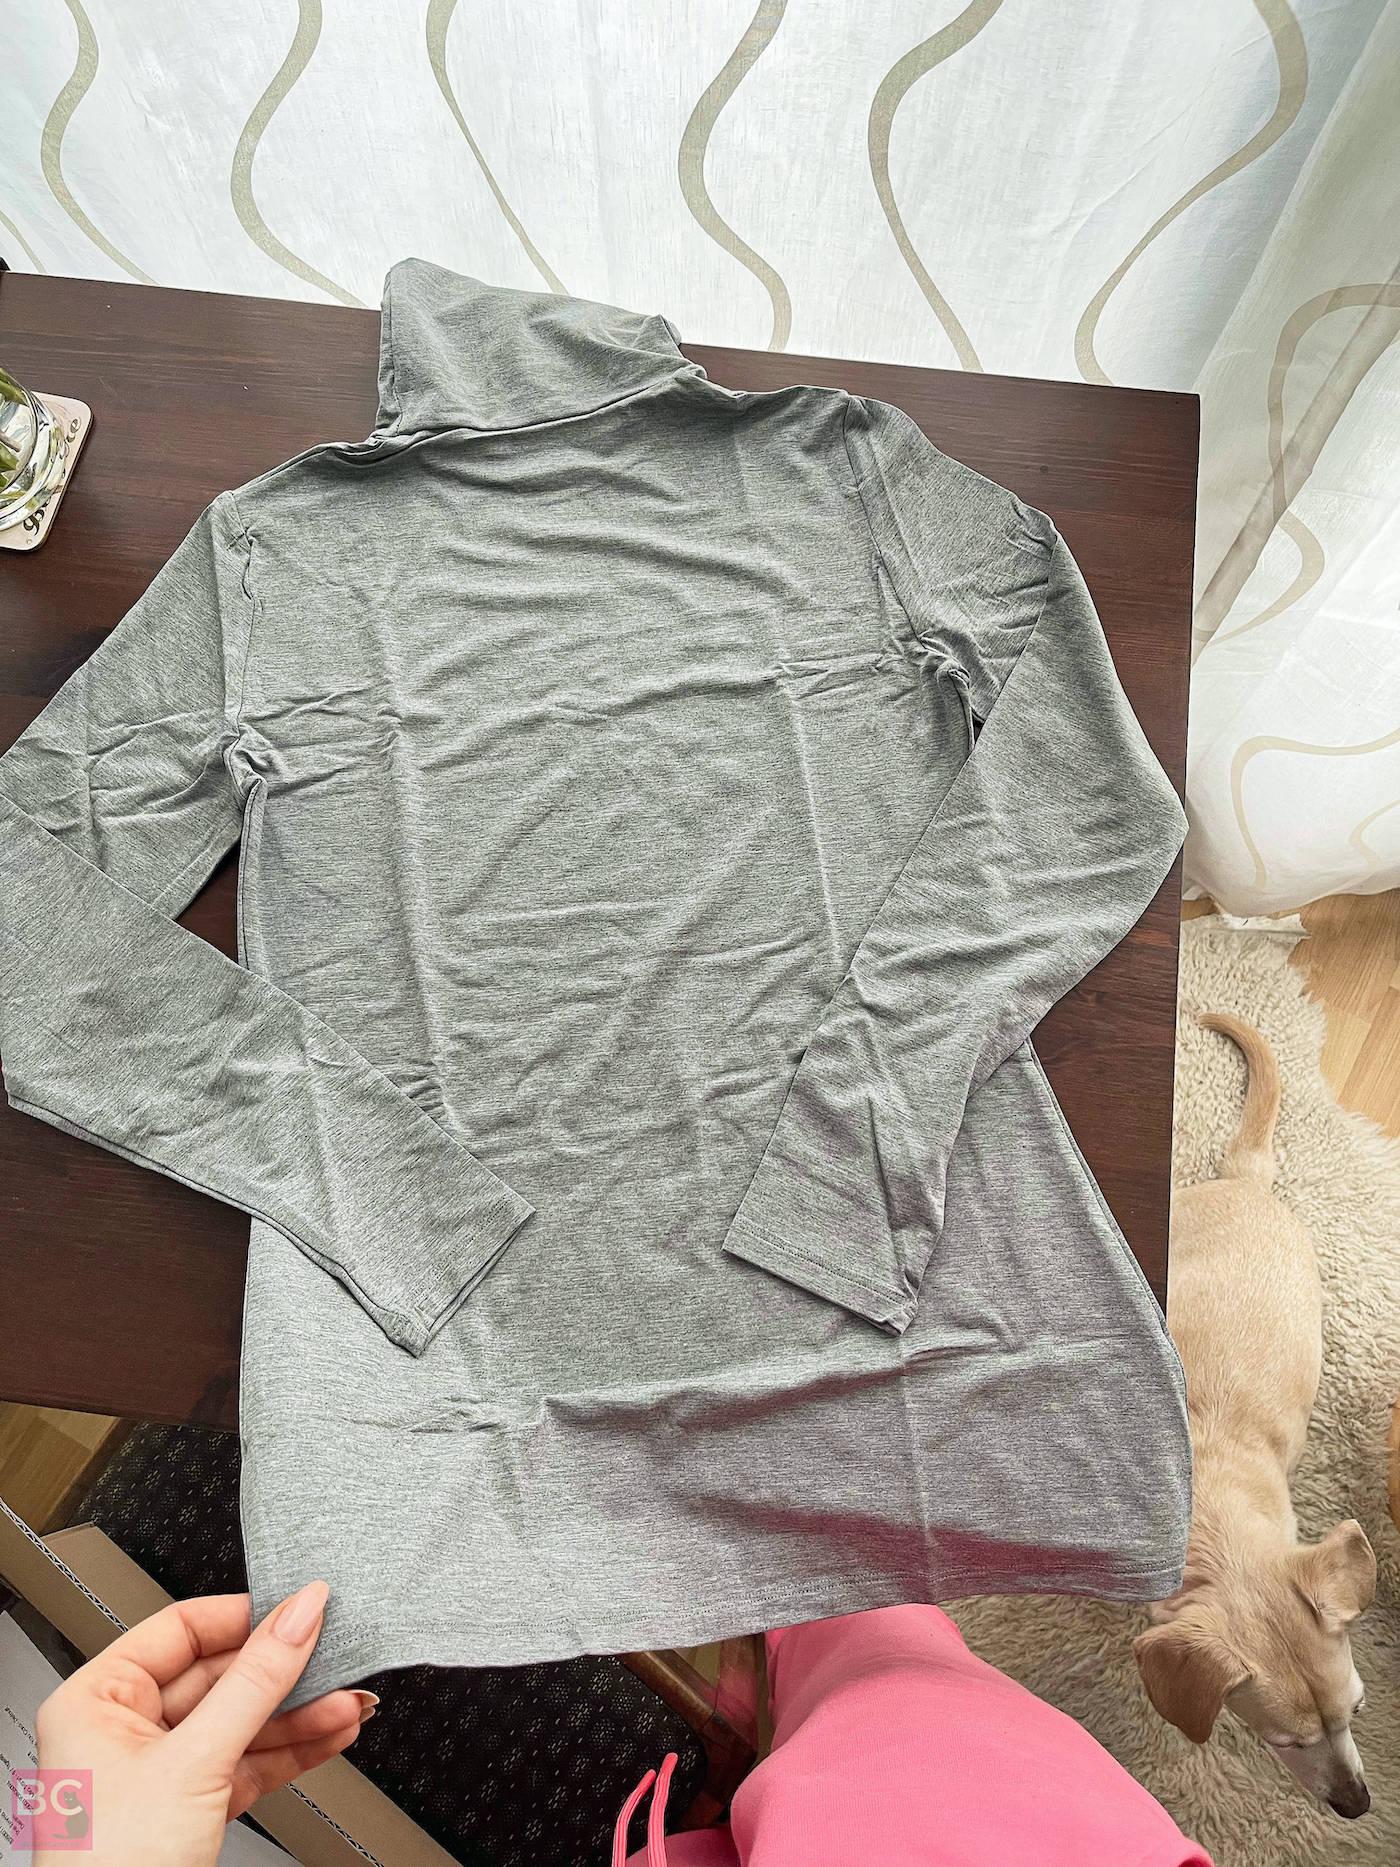 The Mia Shirt Les Lunes Erfahrungen vorne Frontansicht frisch ausgepackt